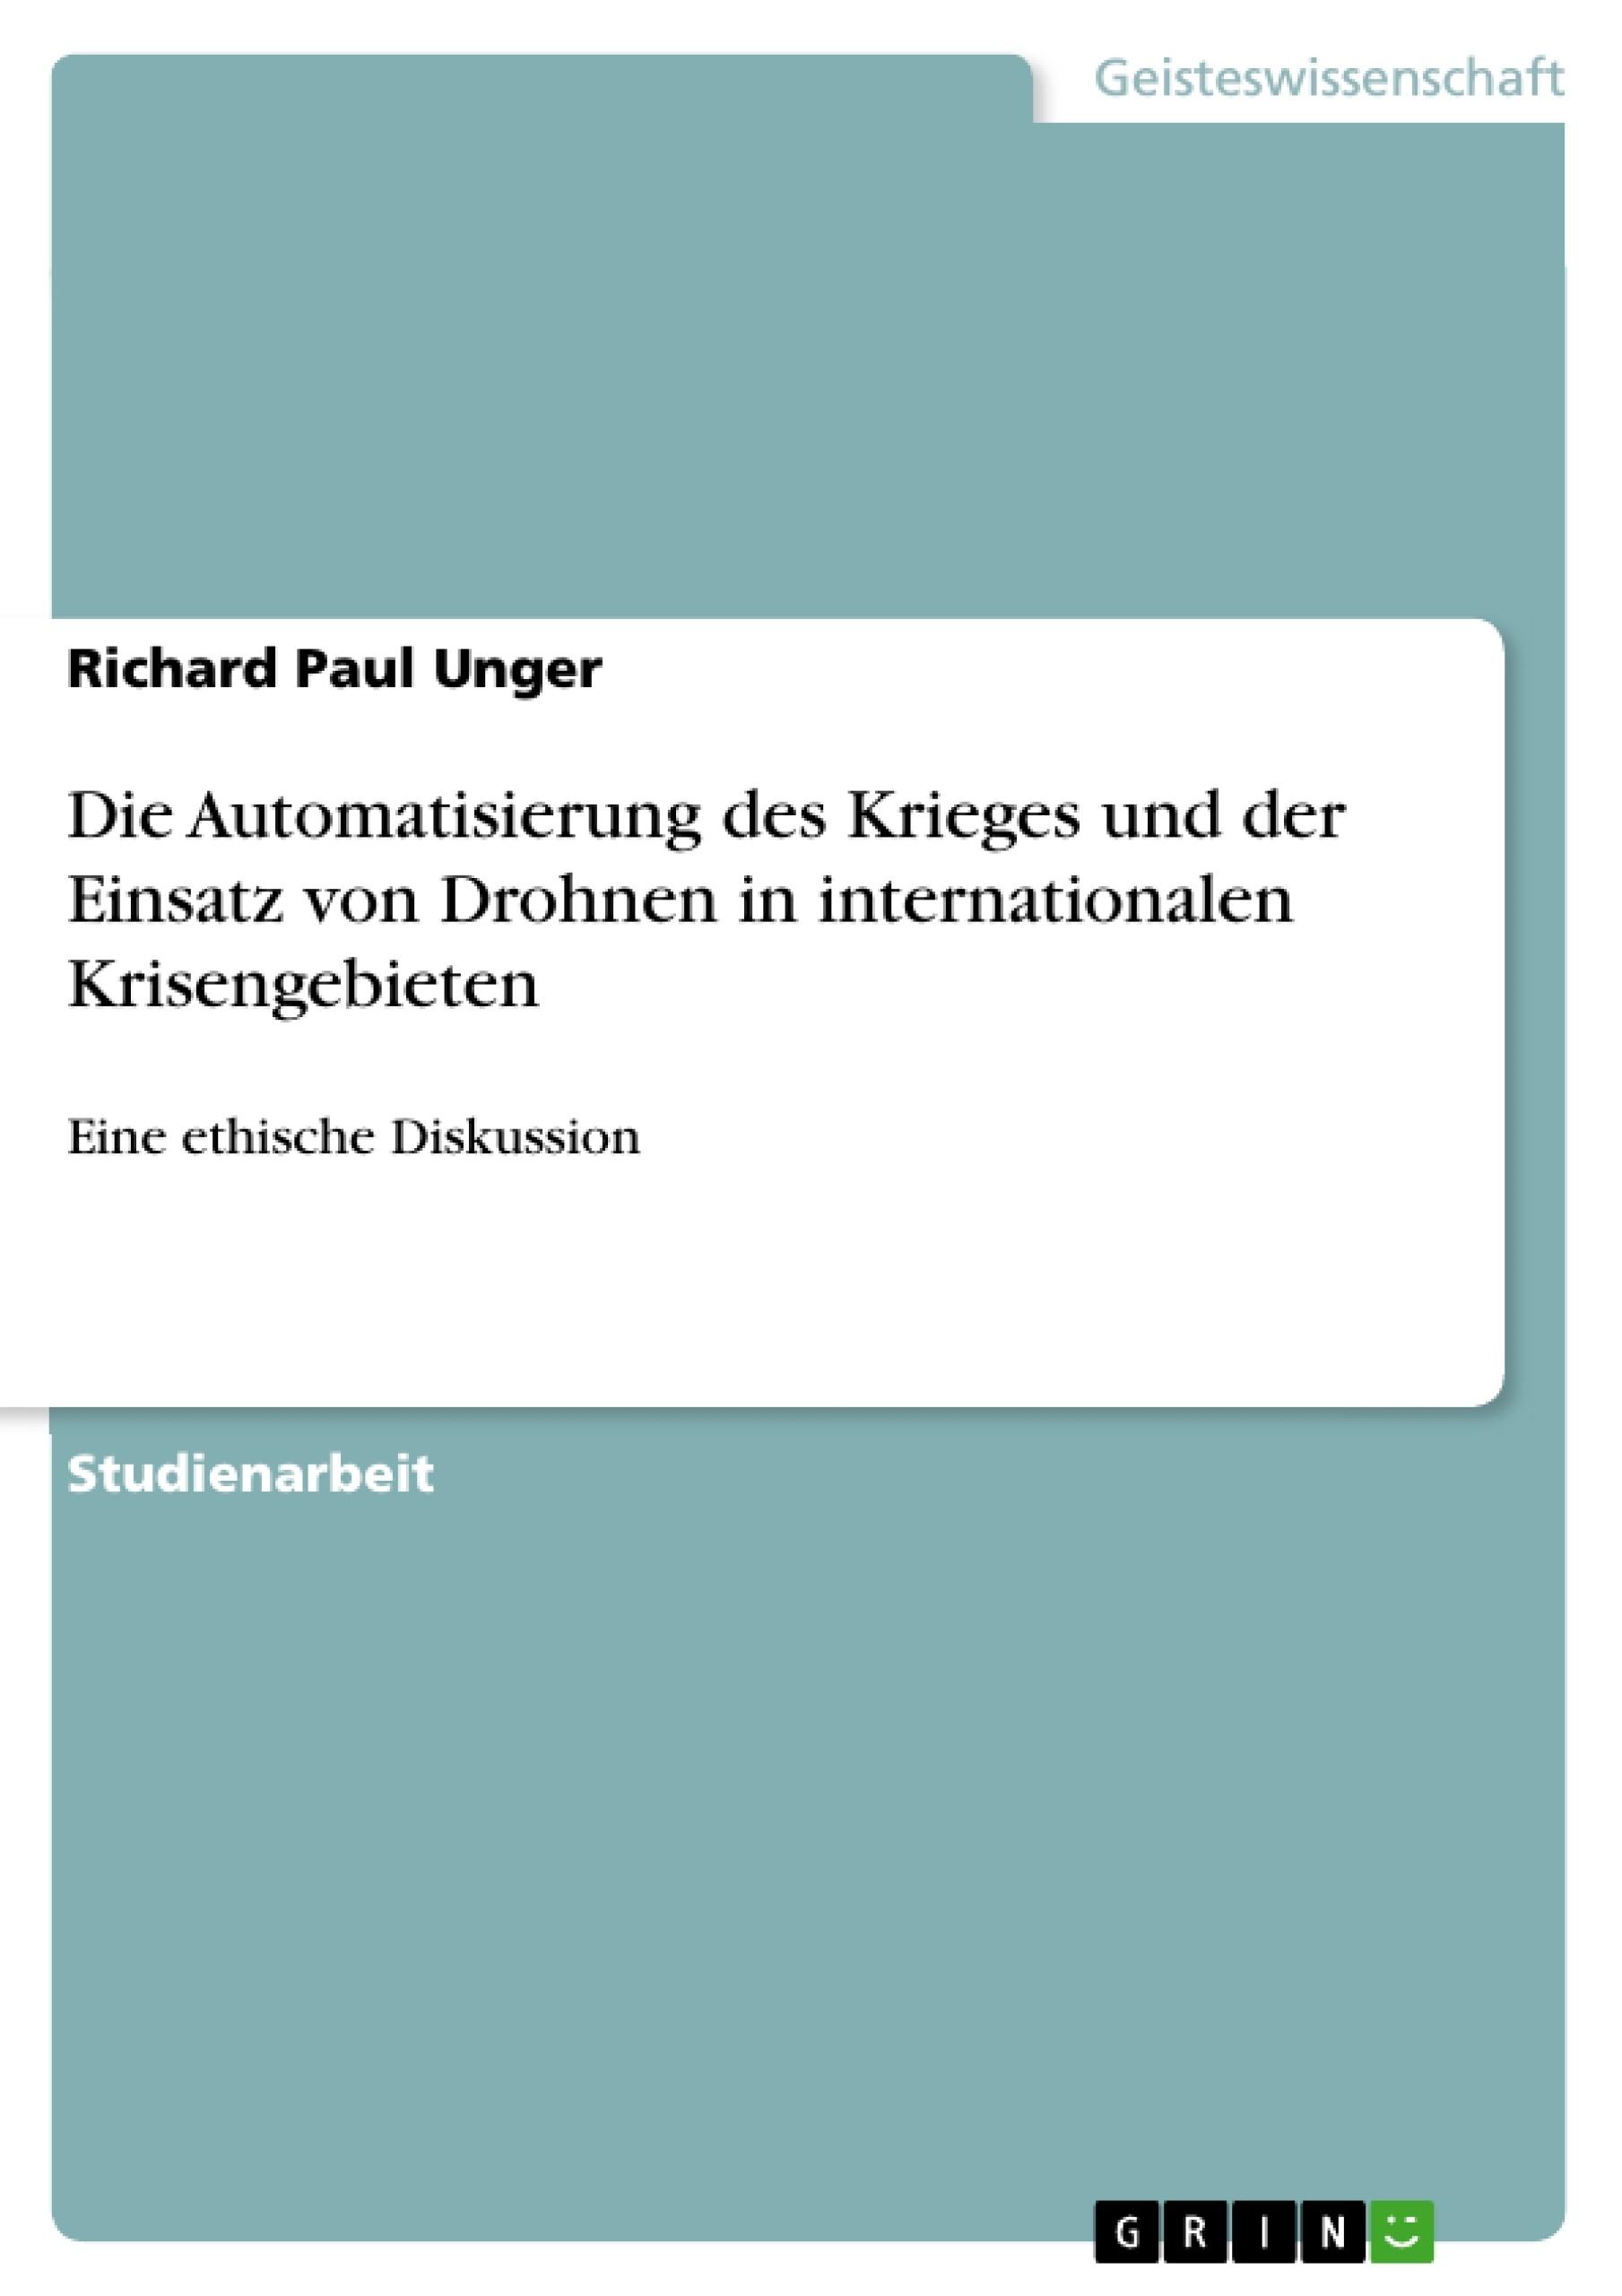 Titel: Die Automatisierung des Krieges und der Einsatz von Drohnen in internationalen Krisengebieten